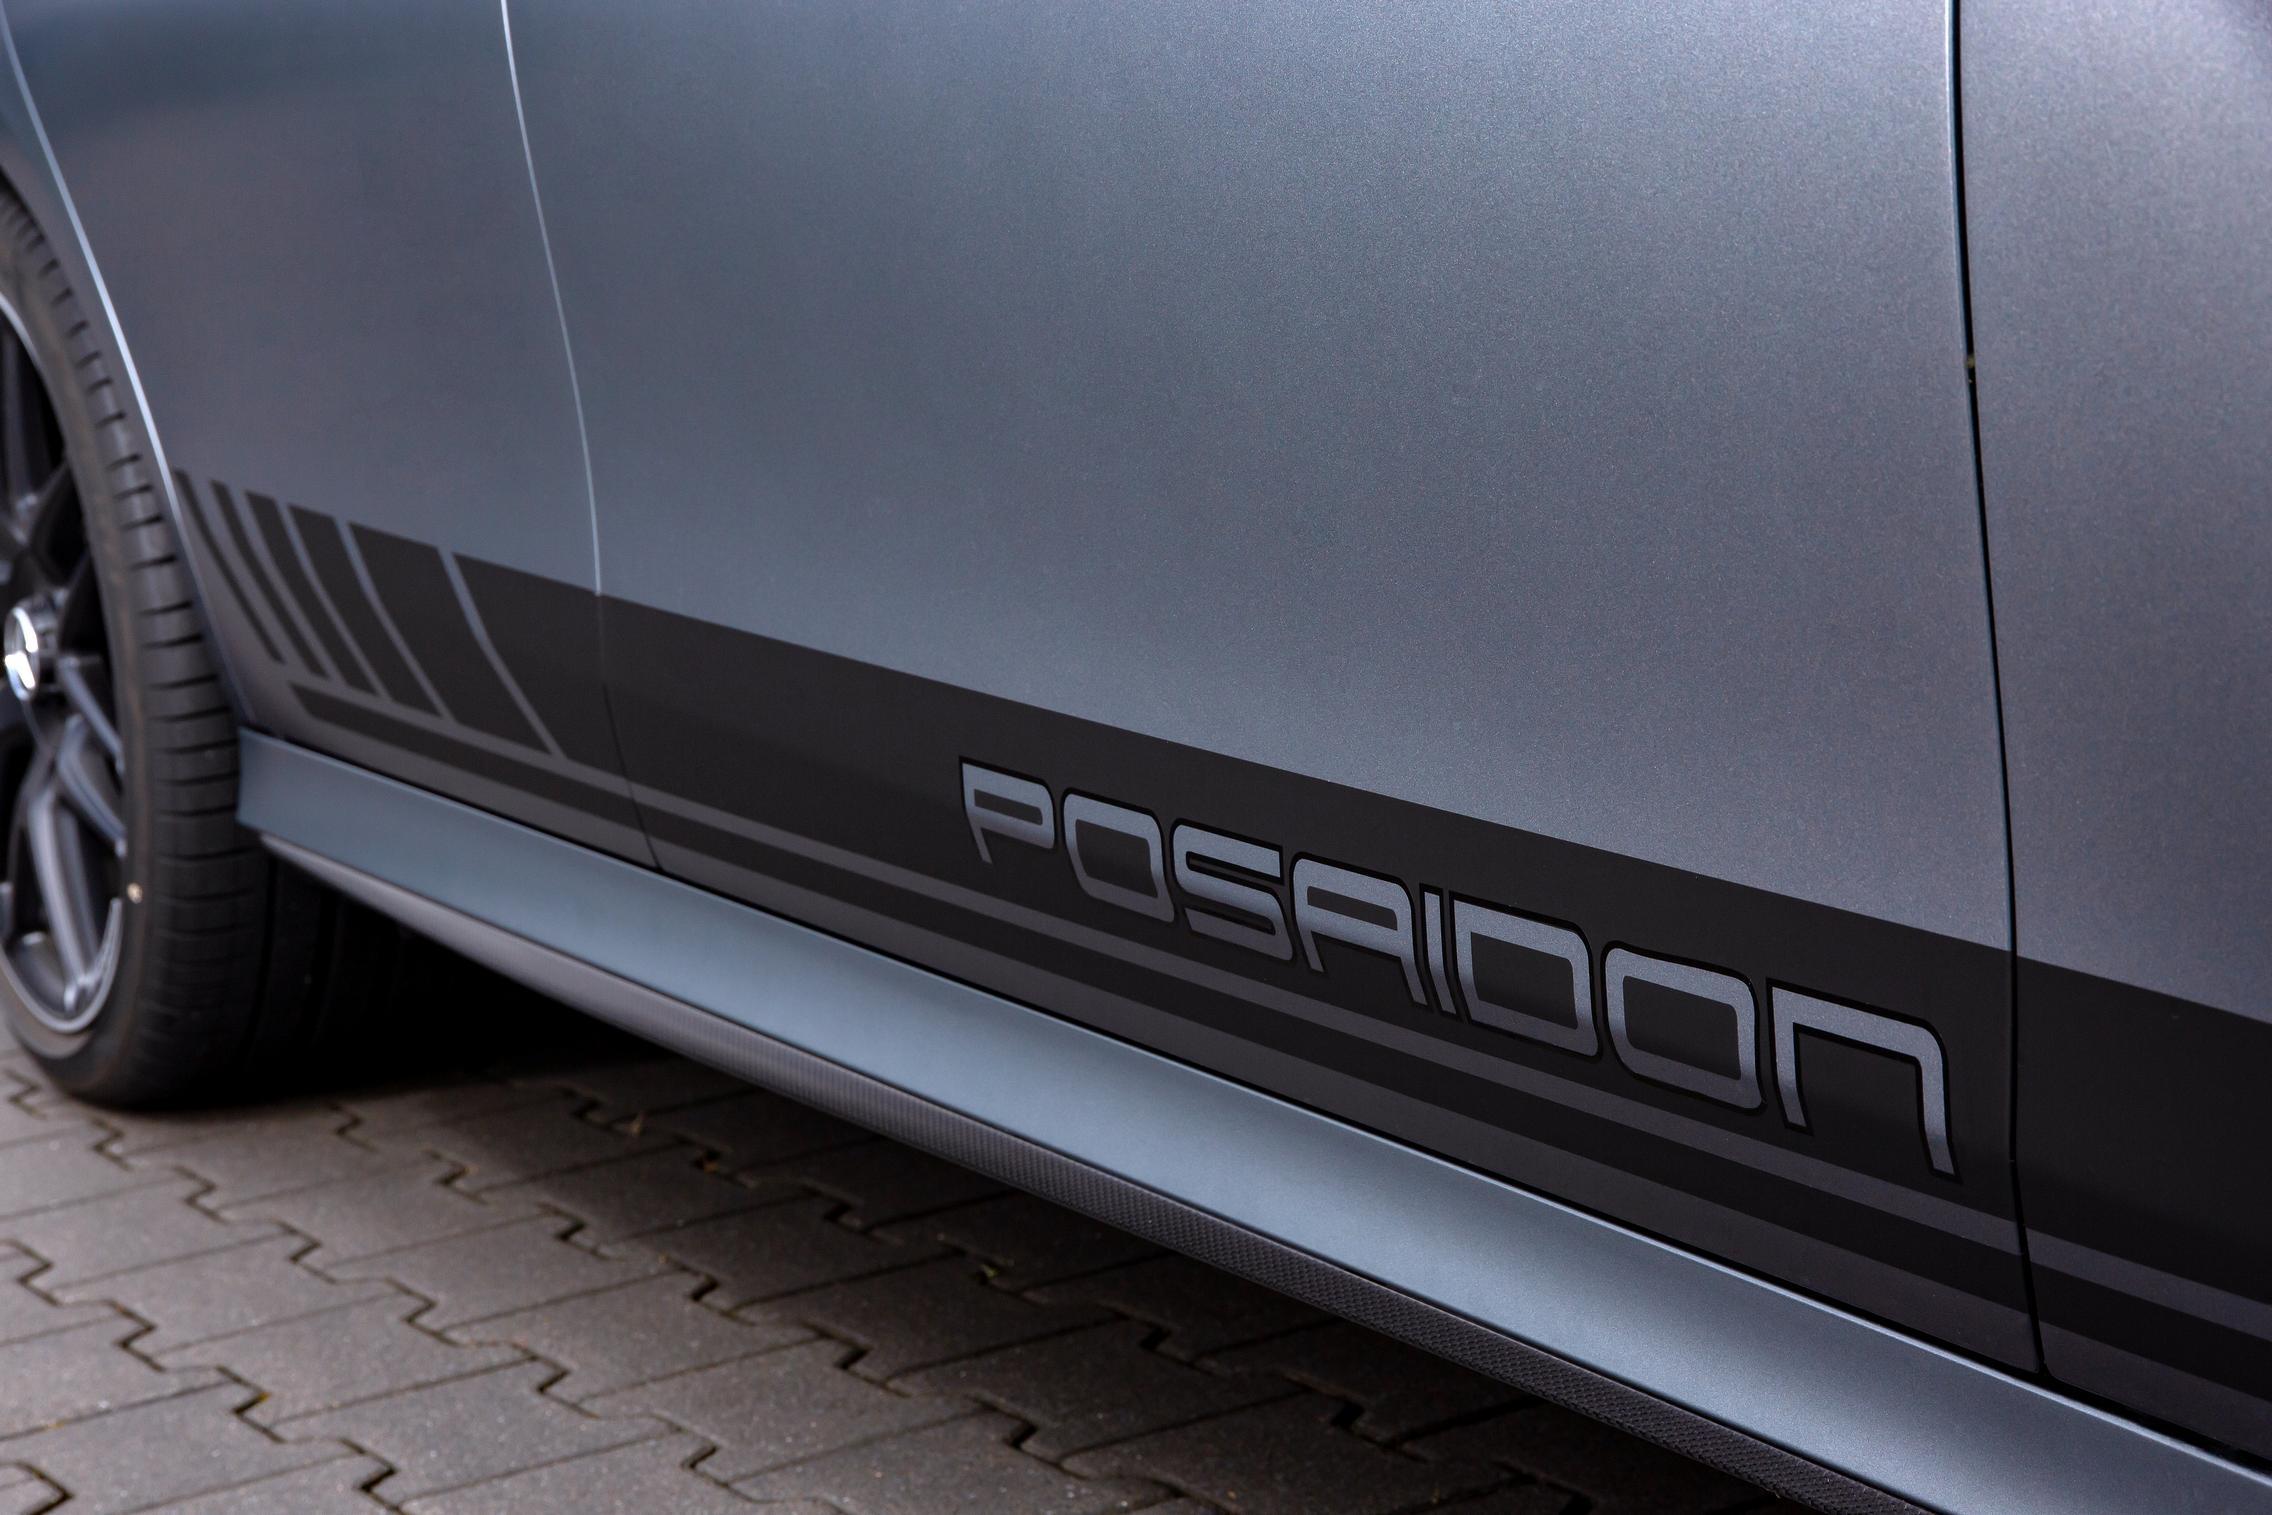 Posaidon